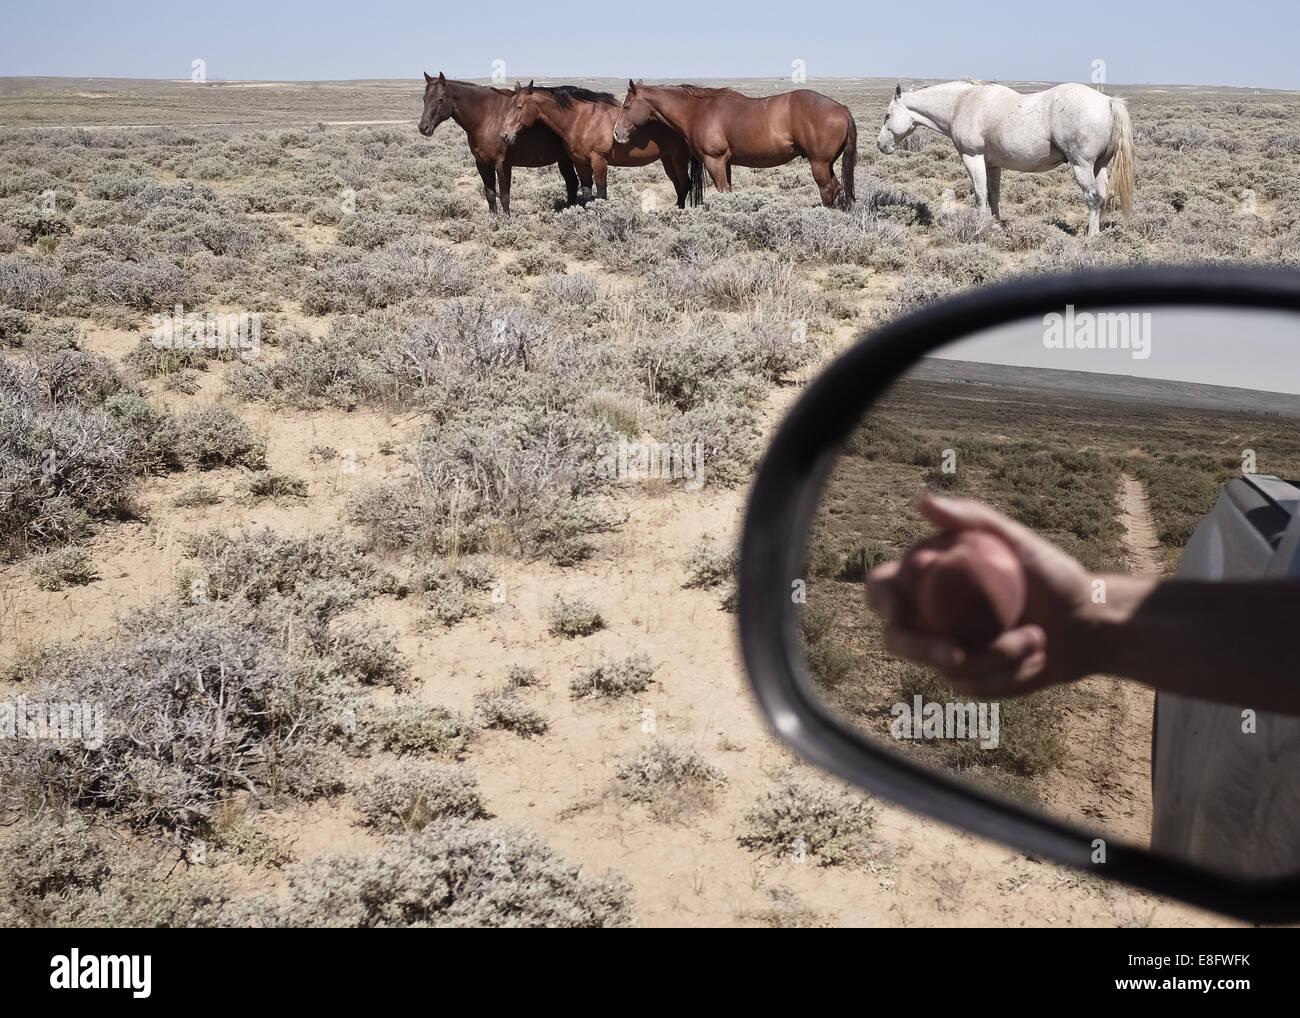 Stati Uniti d'America, Wyoming, cavalli e di riflessione di mano con Apple in specchio laterale Foto Stock